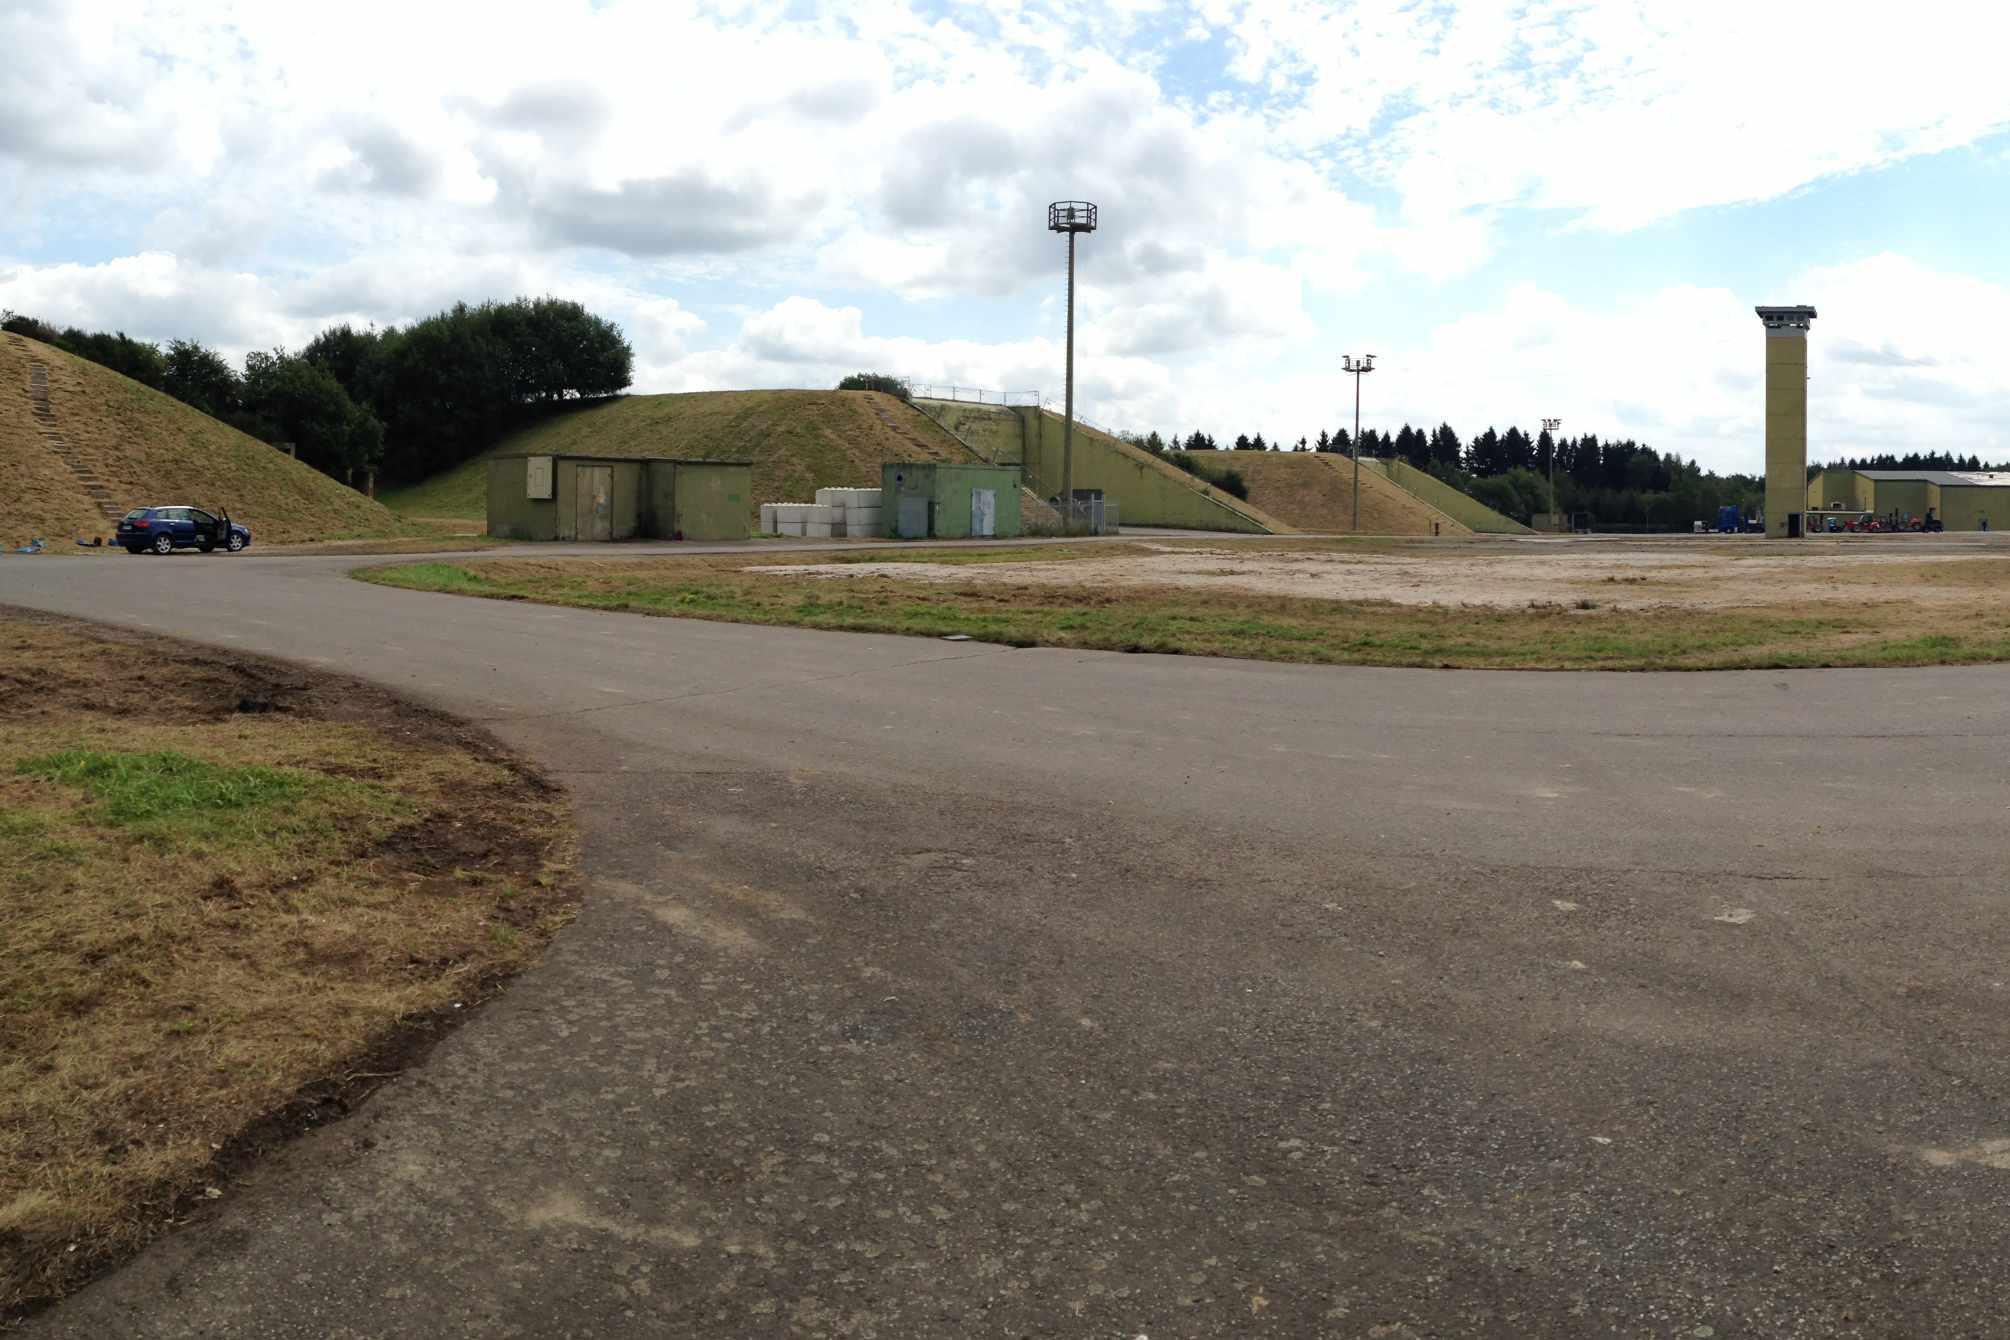 Lost place Raketenbasis Pydna: Aussicht auf das Gelände